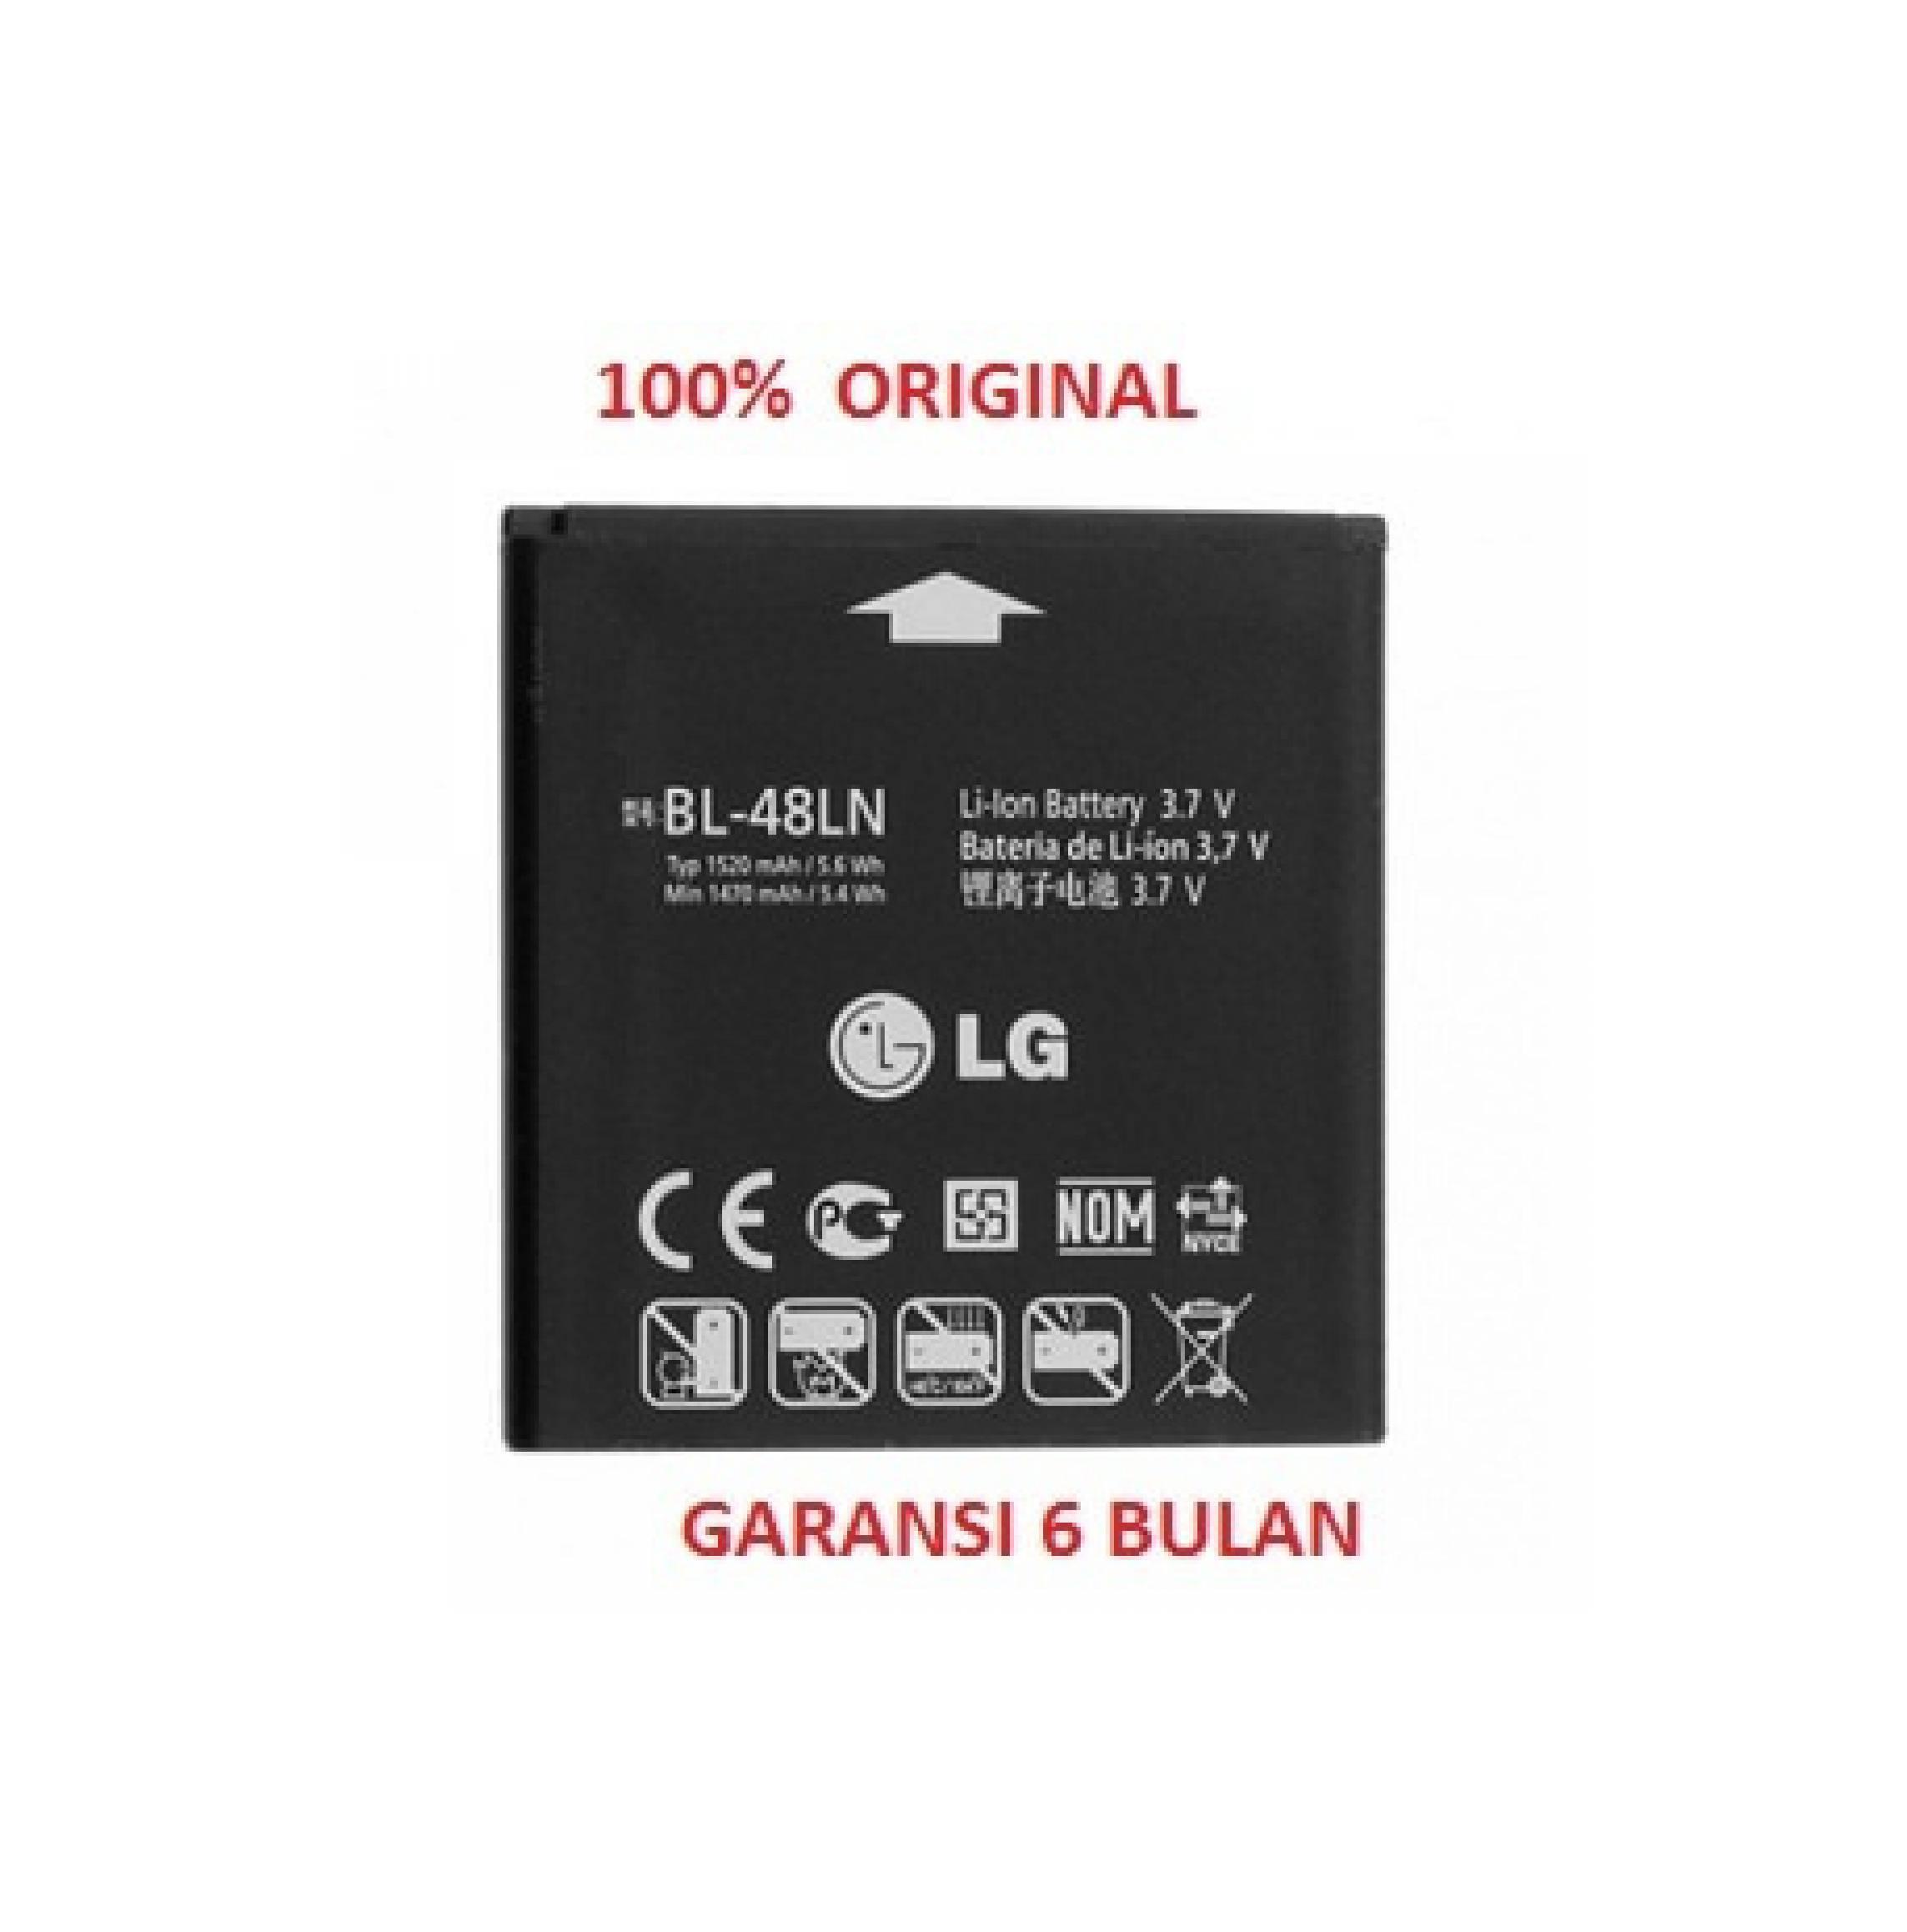 100% ORIGINAL Battery LG BL-48LN / LG P720 OPTIMUS 3D MAX,C800,Dll